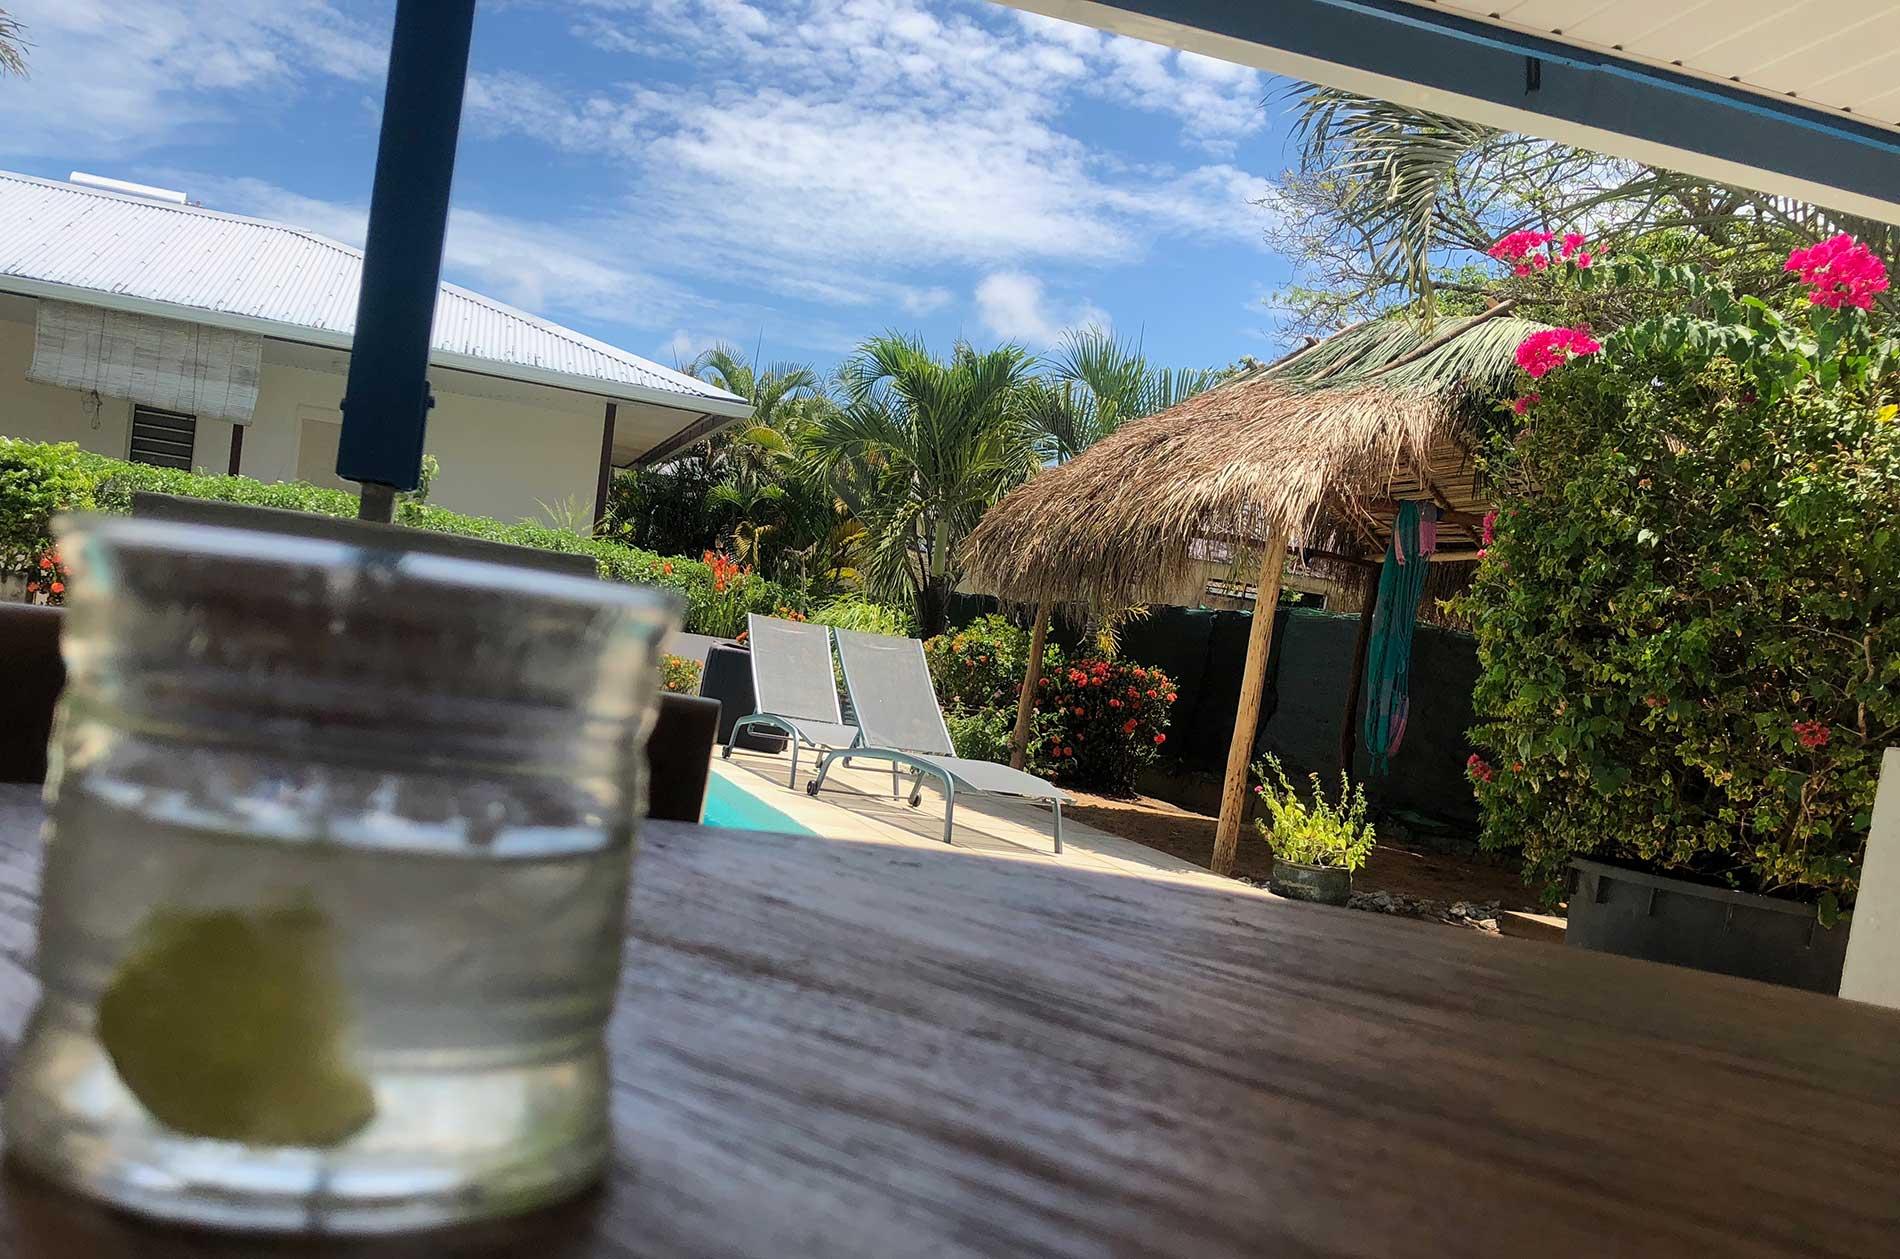 Très belle vue du jardin avec carbet à hamacs, piscine et chaise longue depuis la table haute qui est sur la terrasse. Le ciel bleu surplombe magnifiquement la végétation (bougainvillier et palmiers)